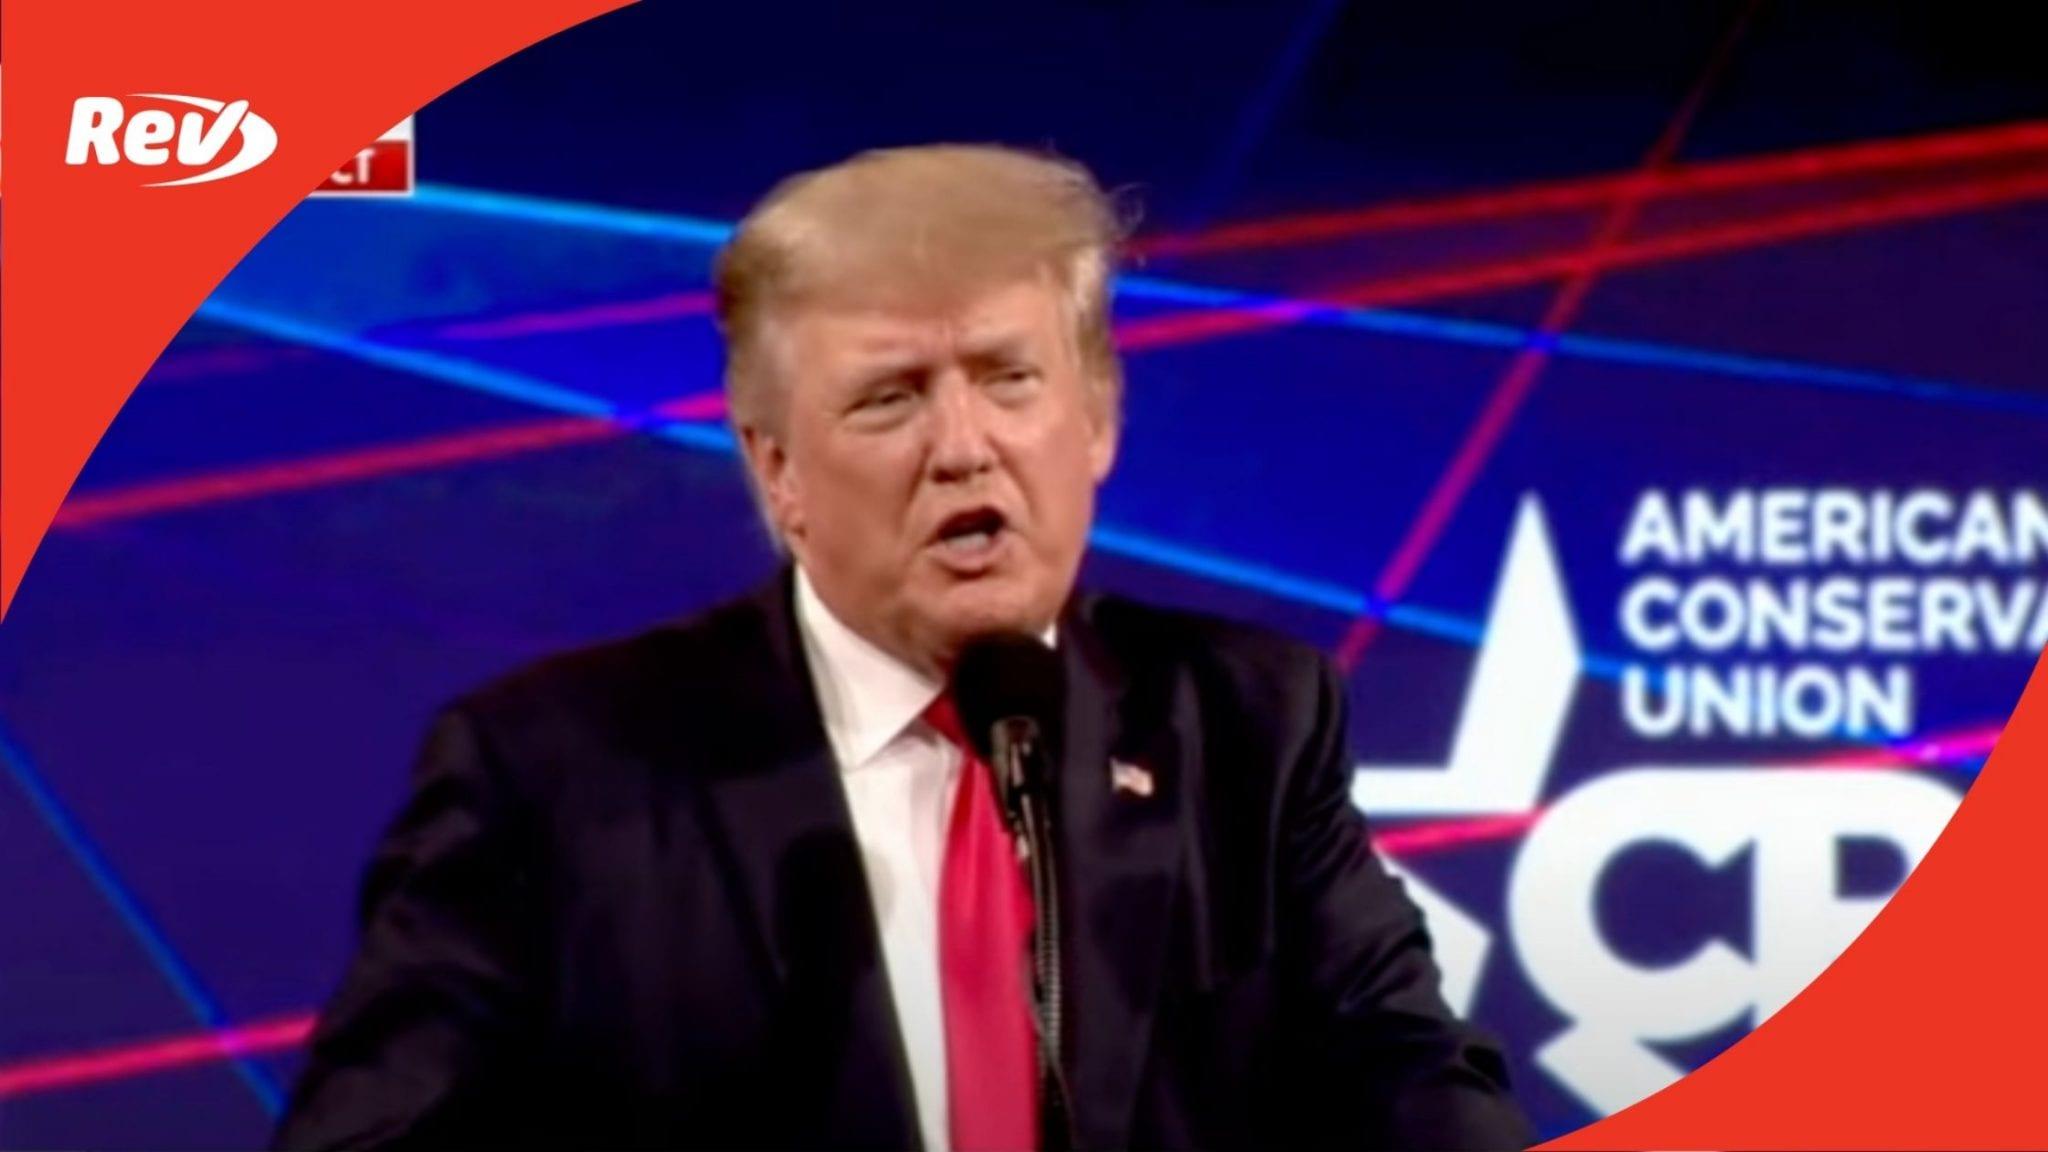 Donald Trump CPAC 2021 Speech Transcript